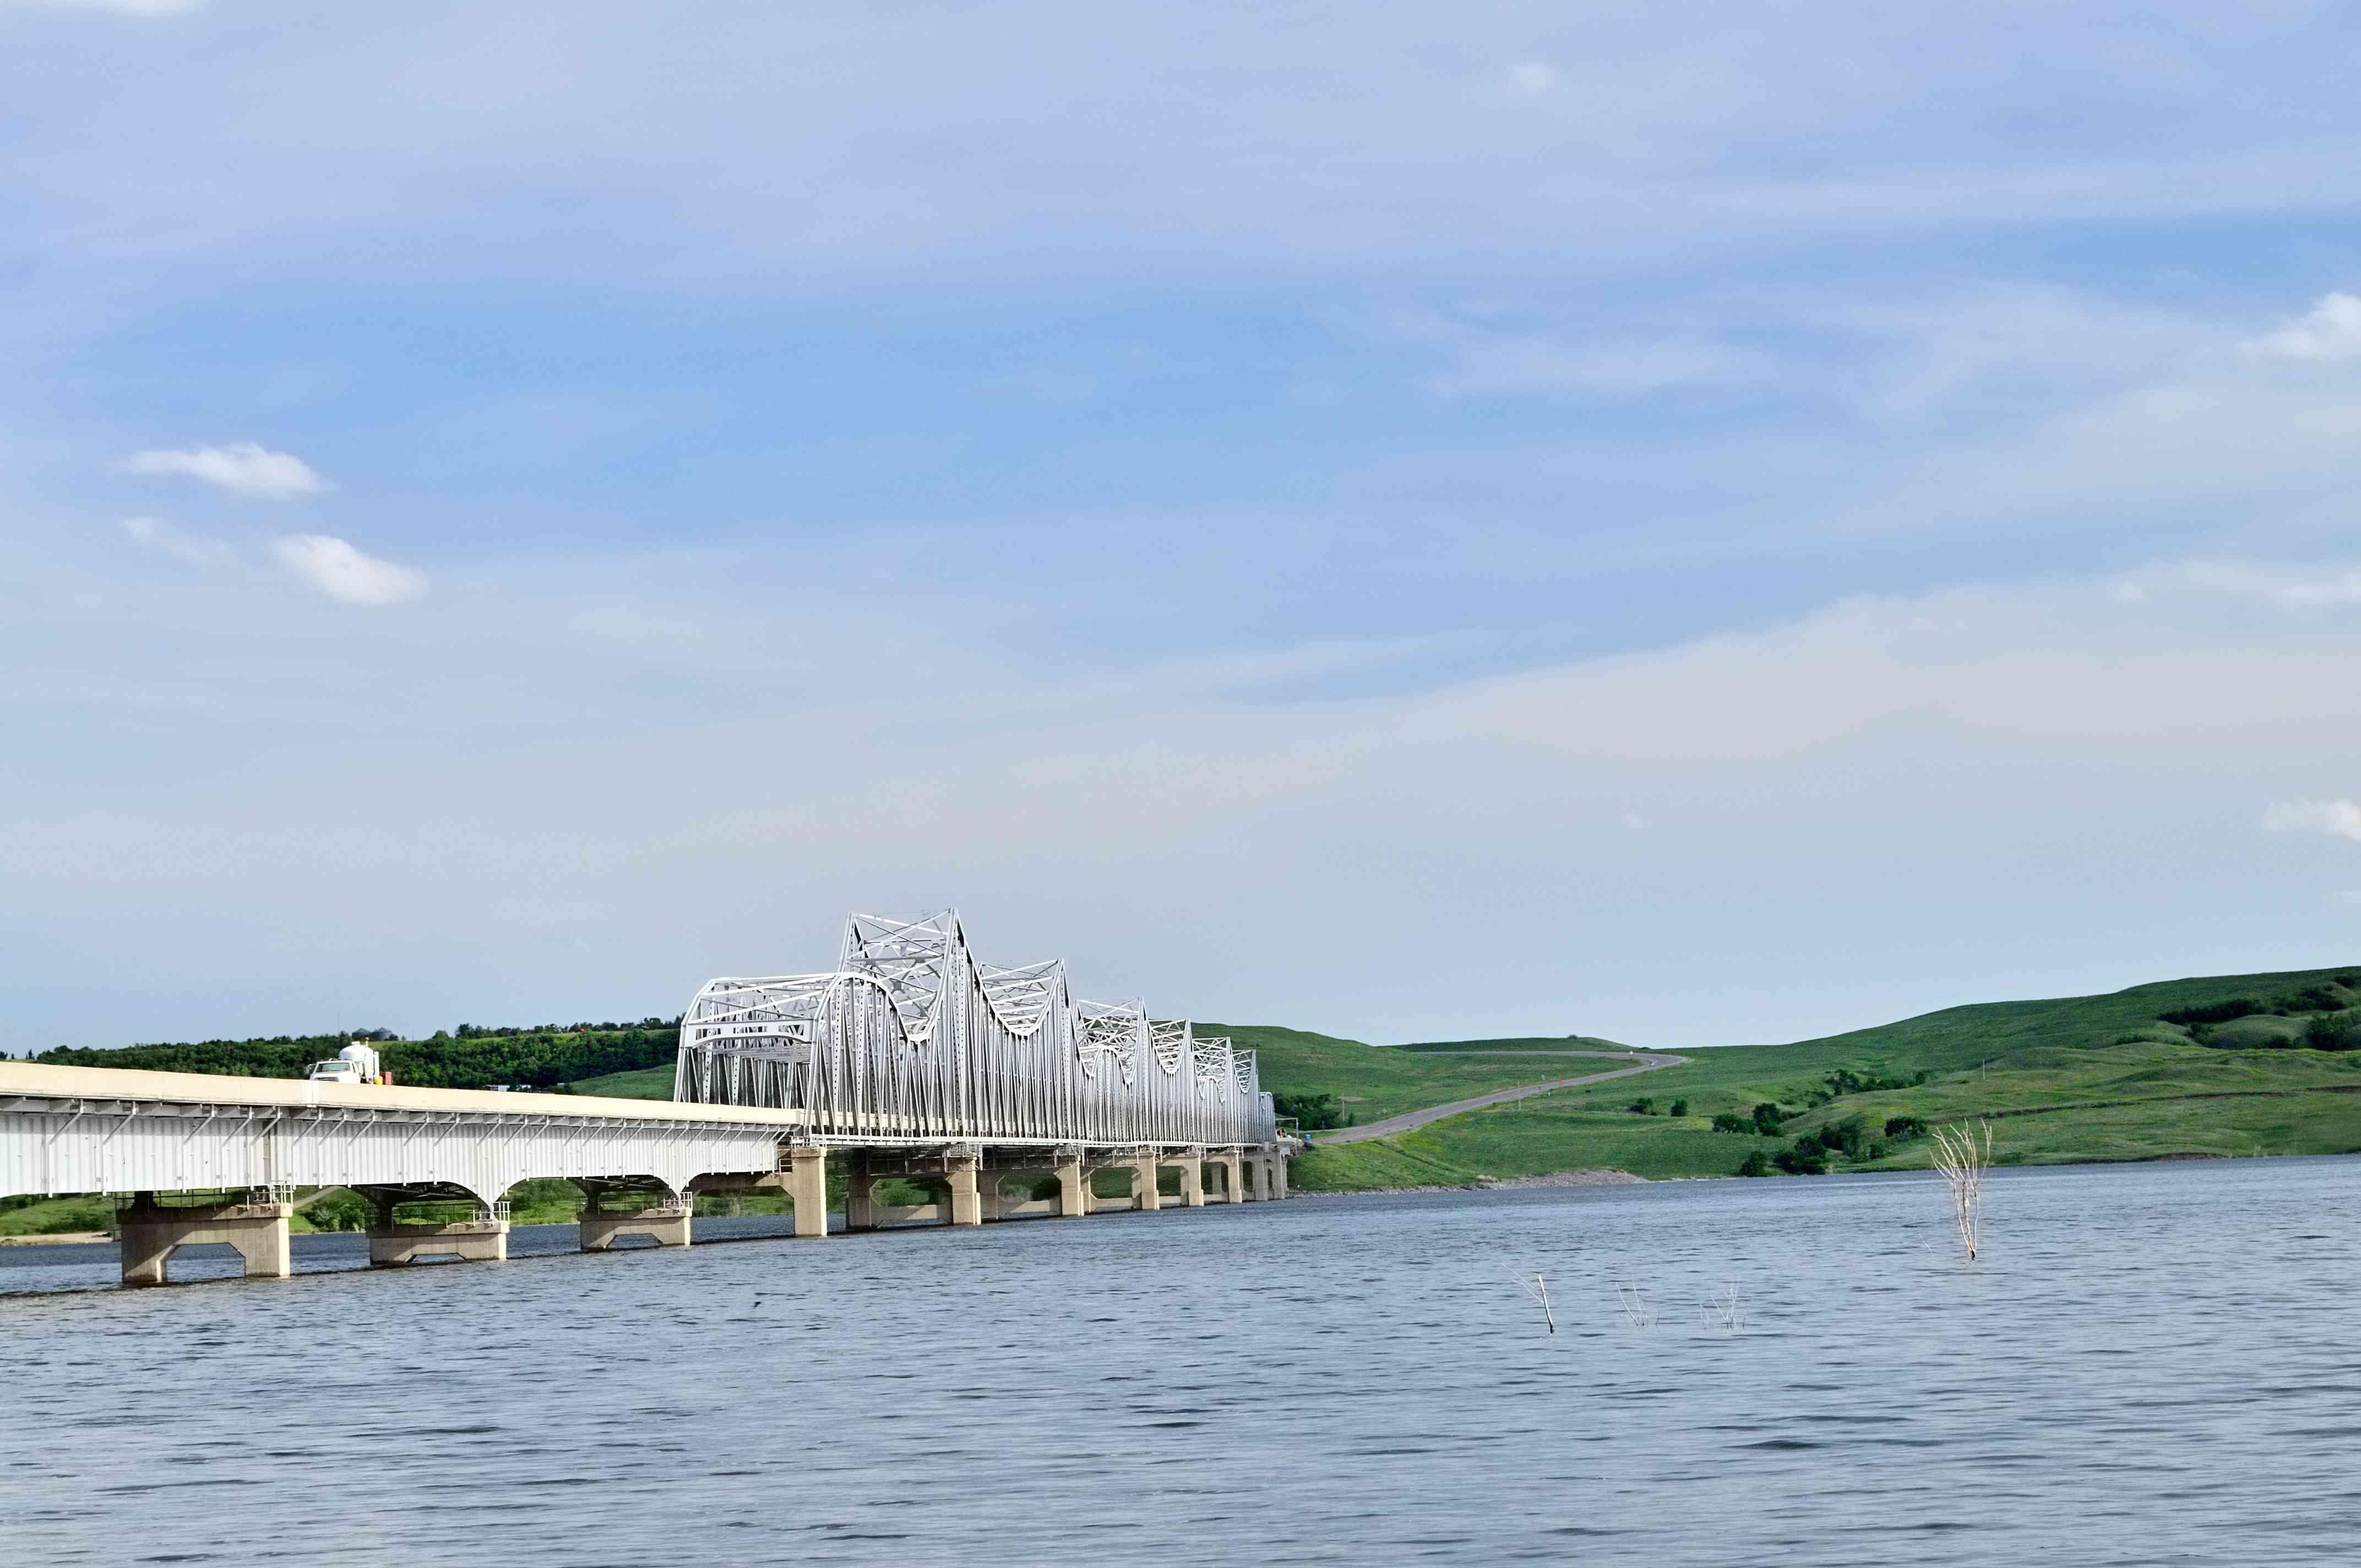 Lake Oahe Bridge